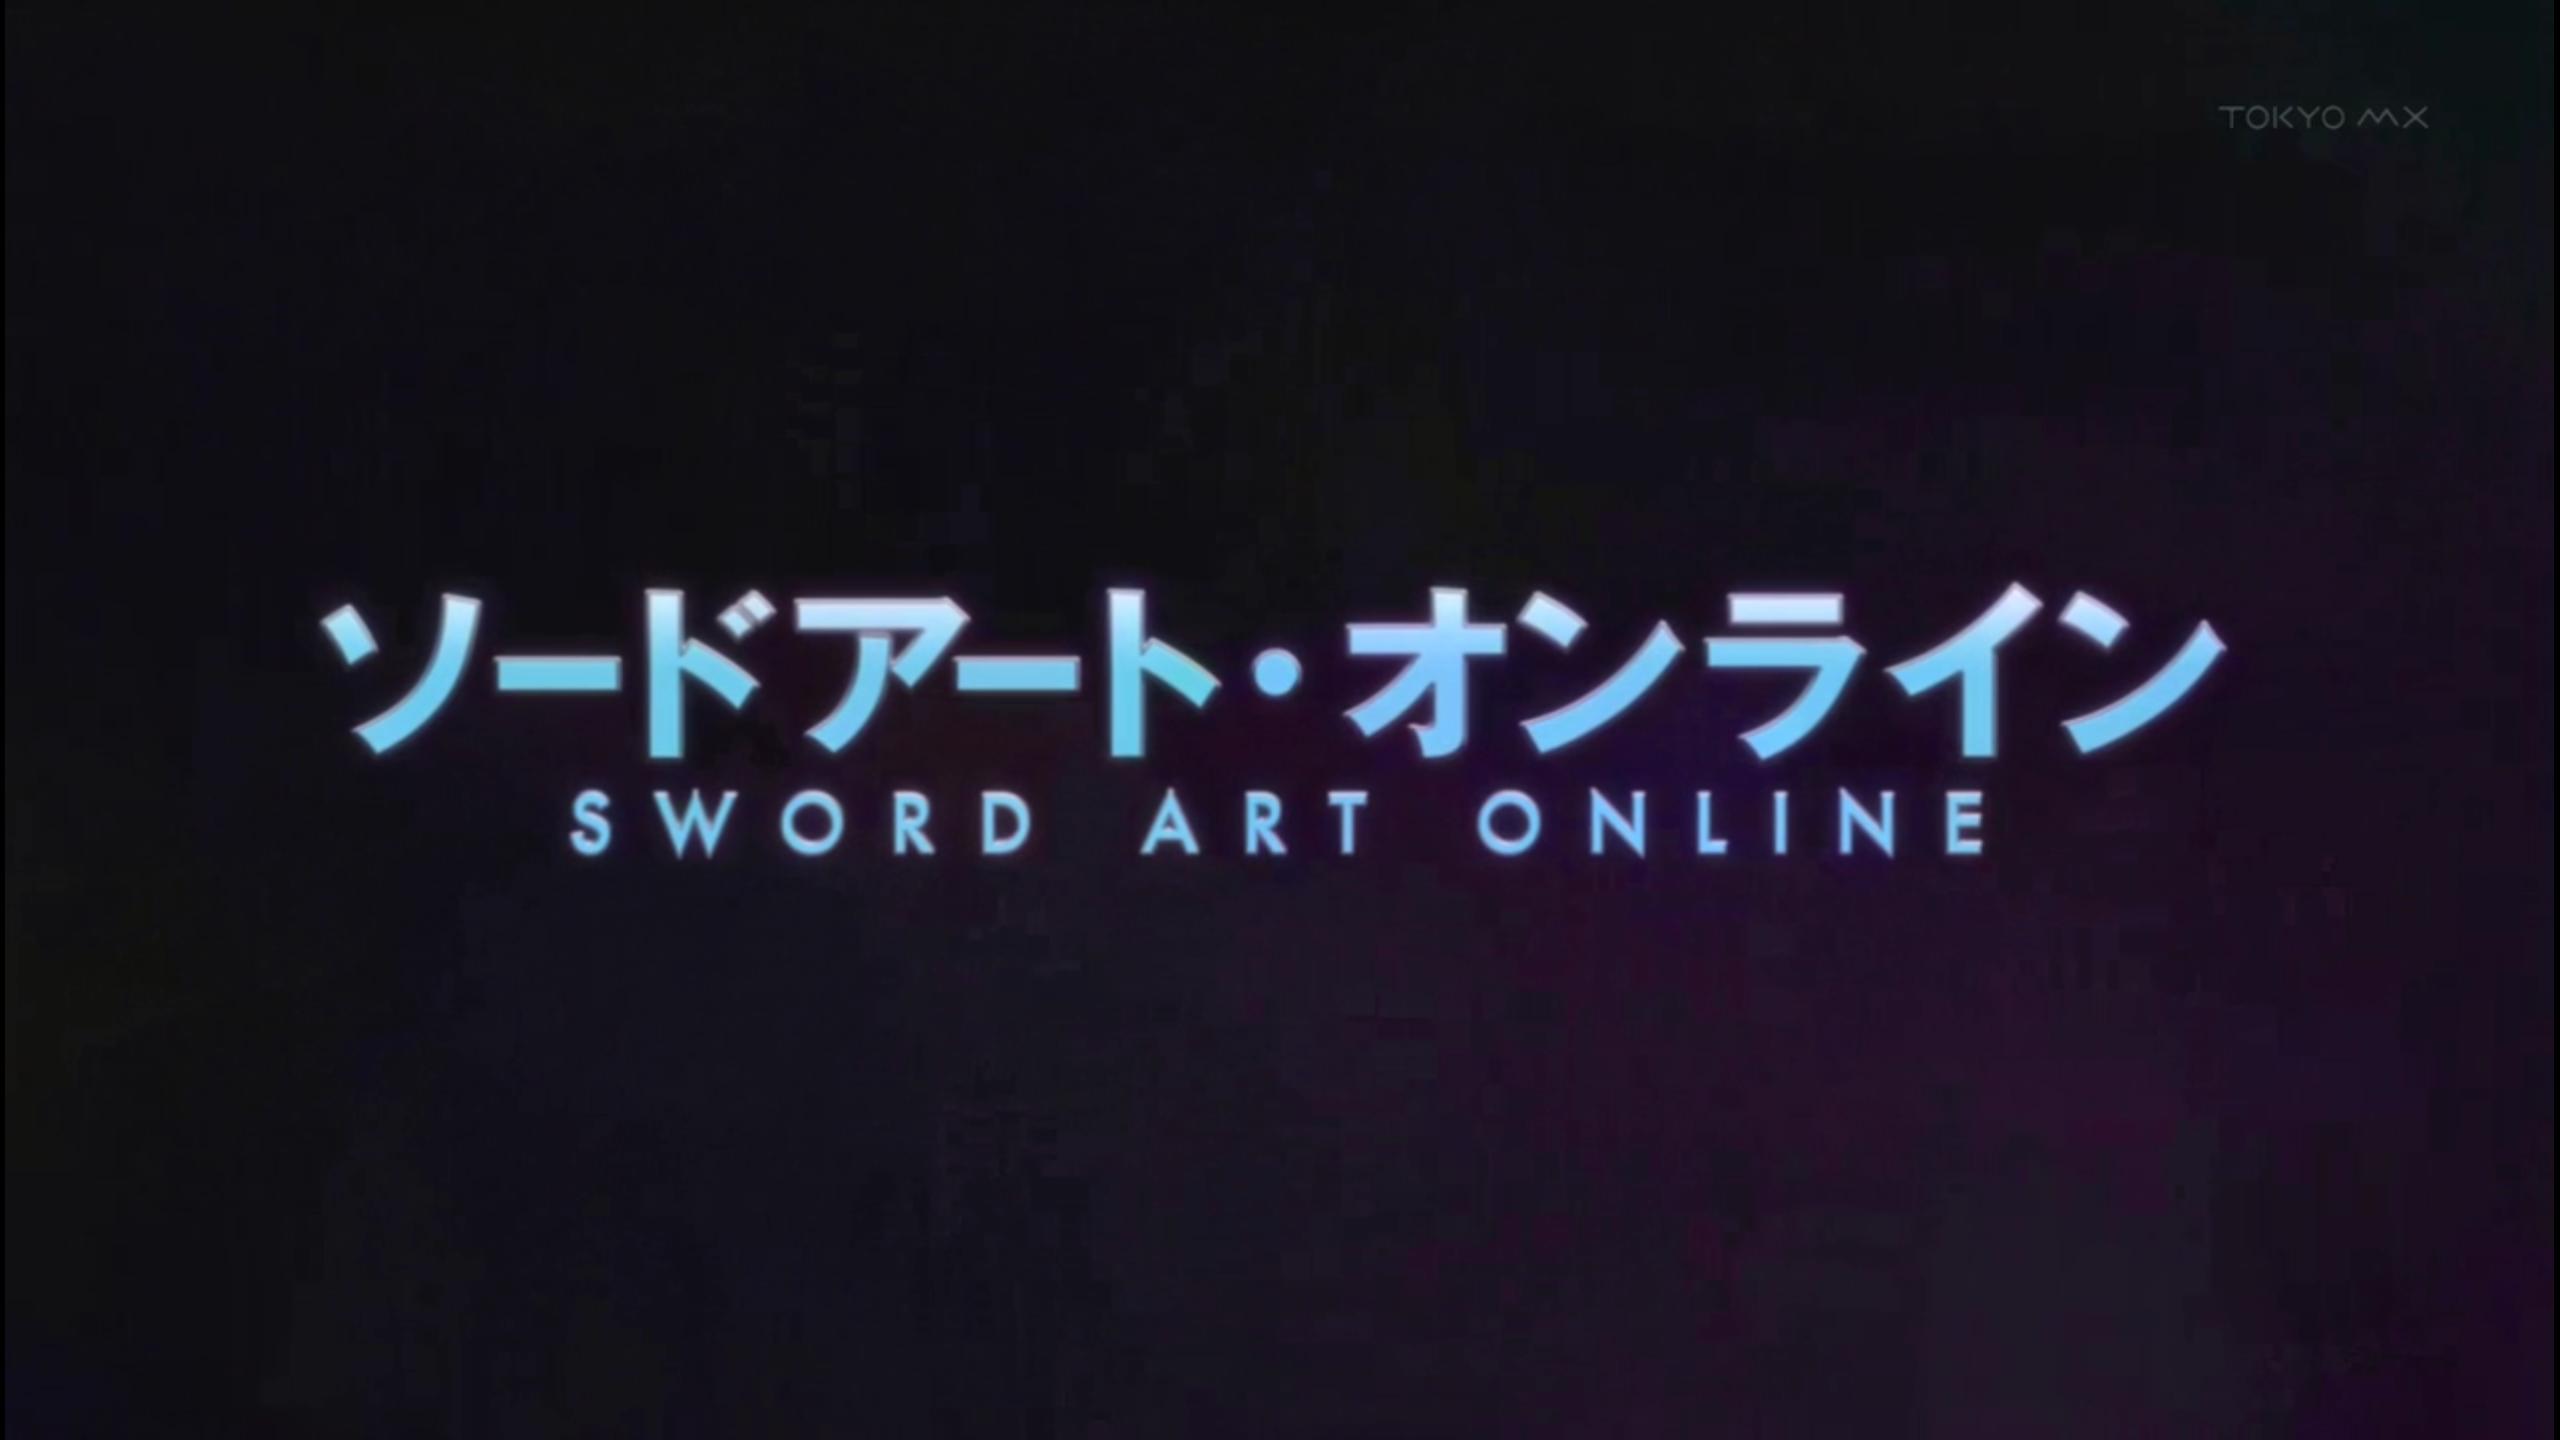 Image result for sword art online logo